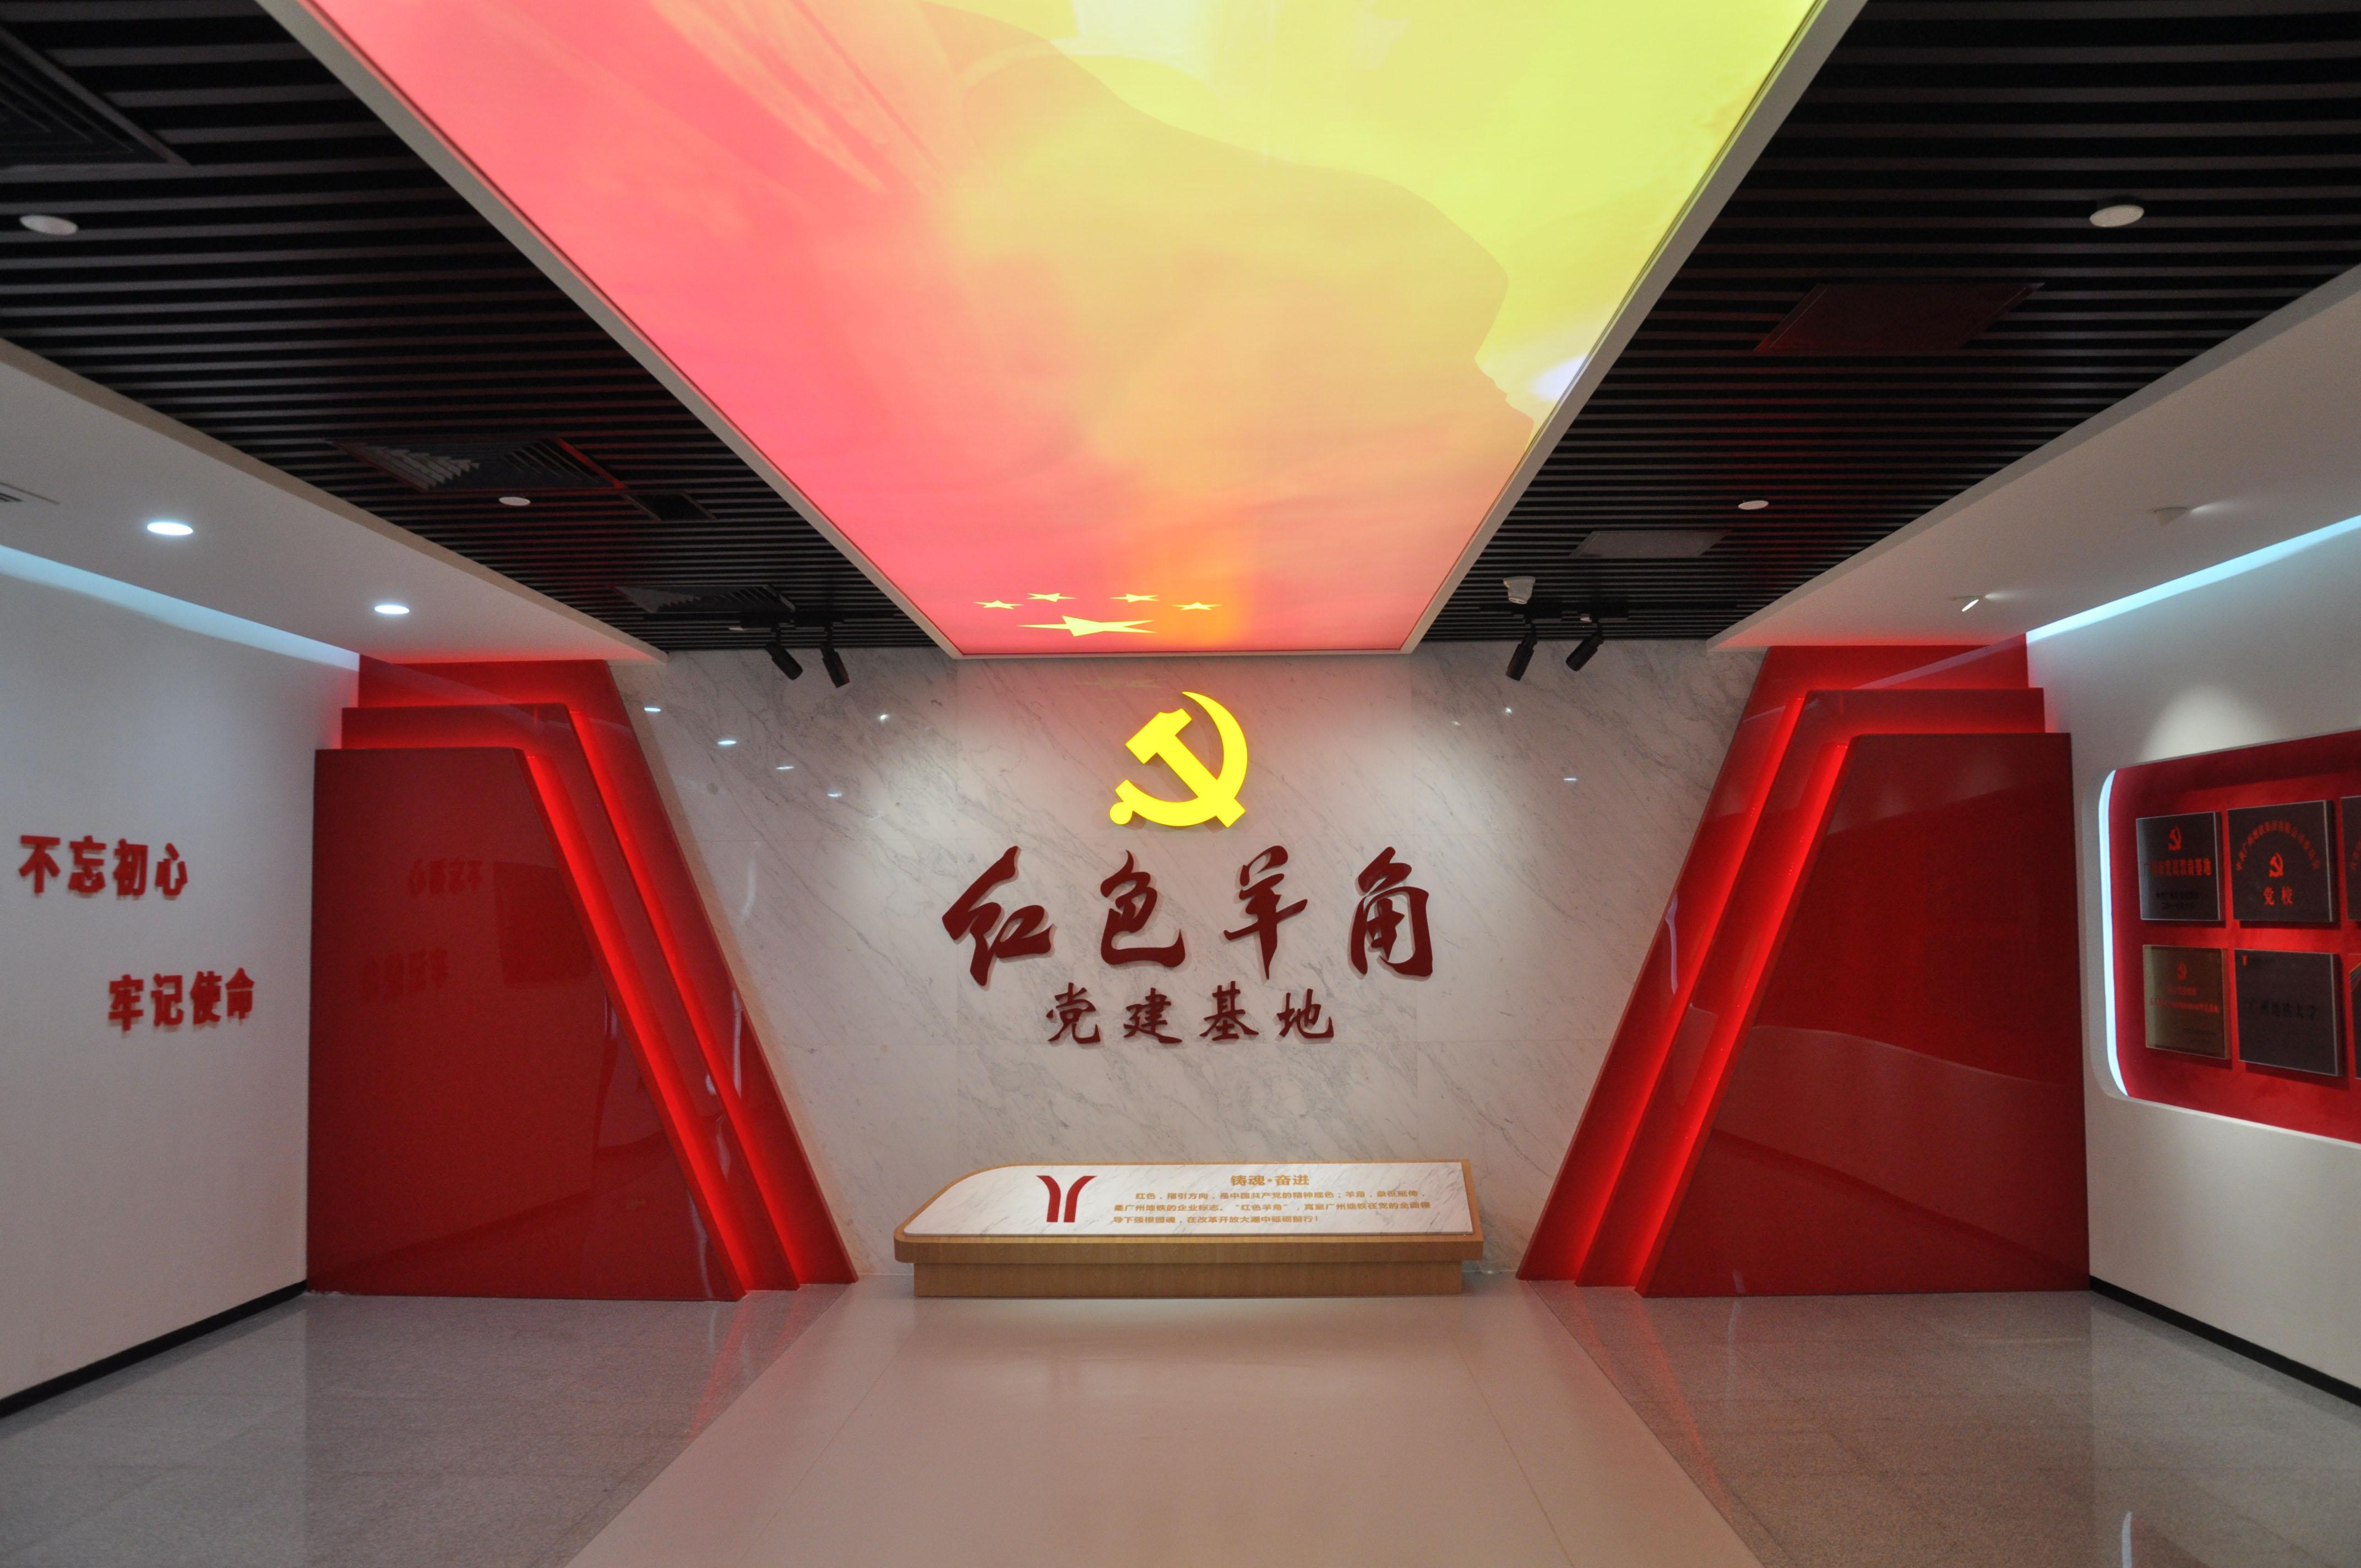 广州地铁集团党建基地